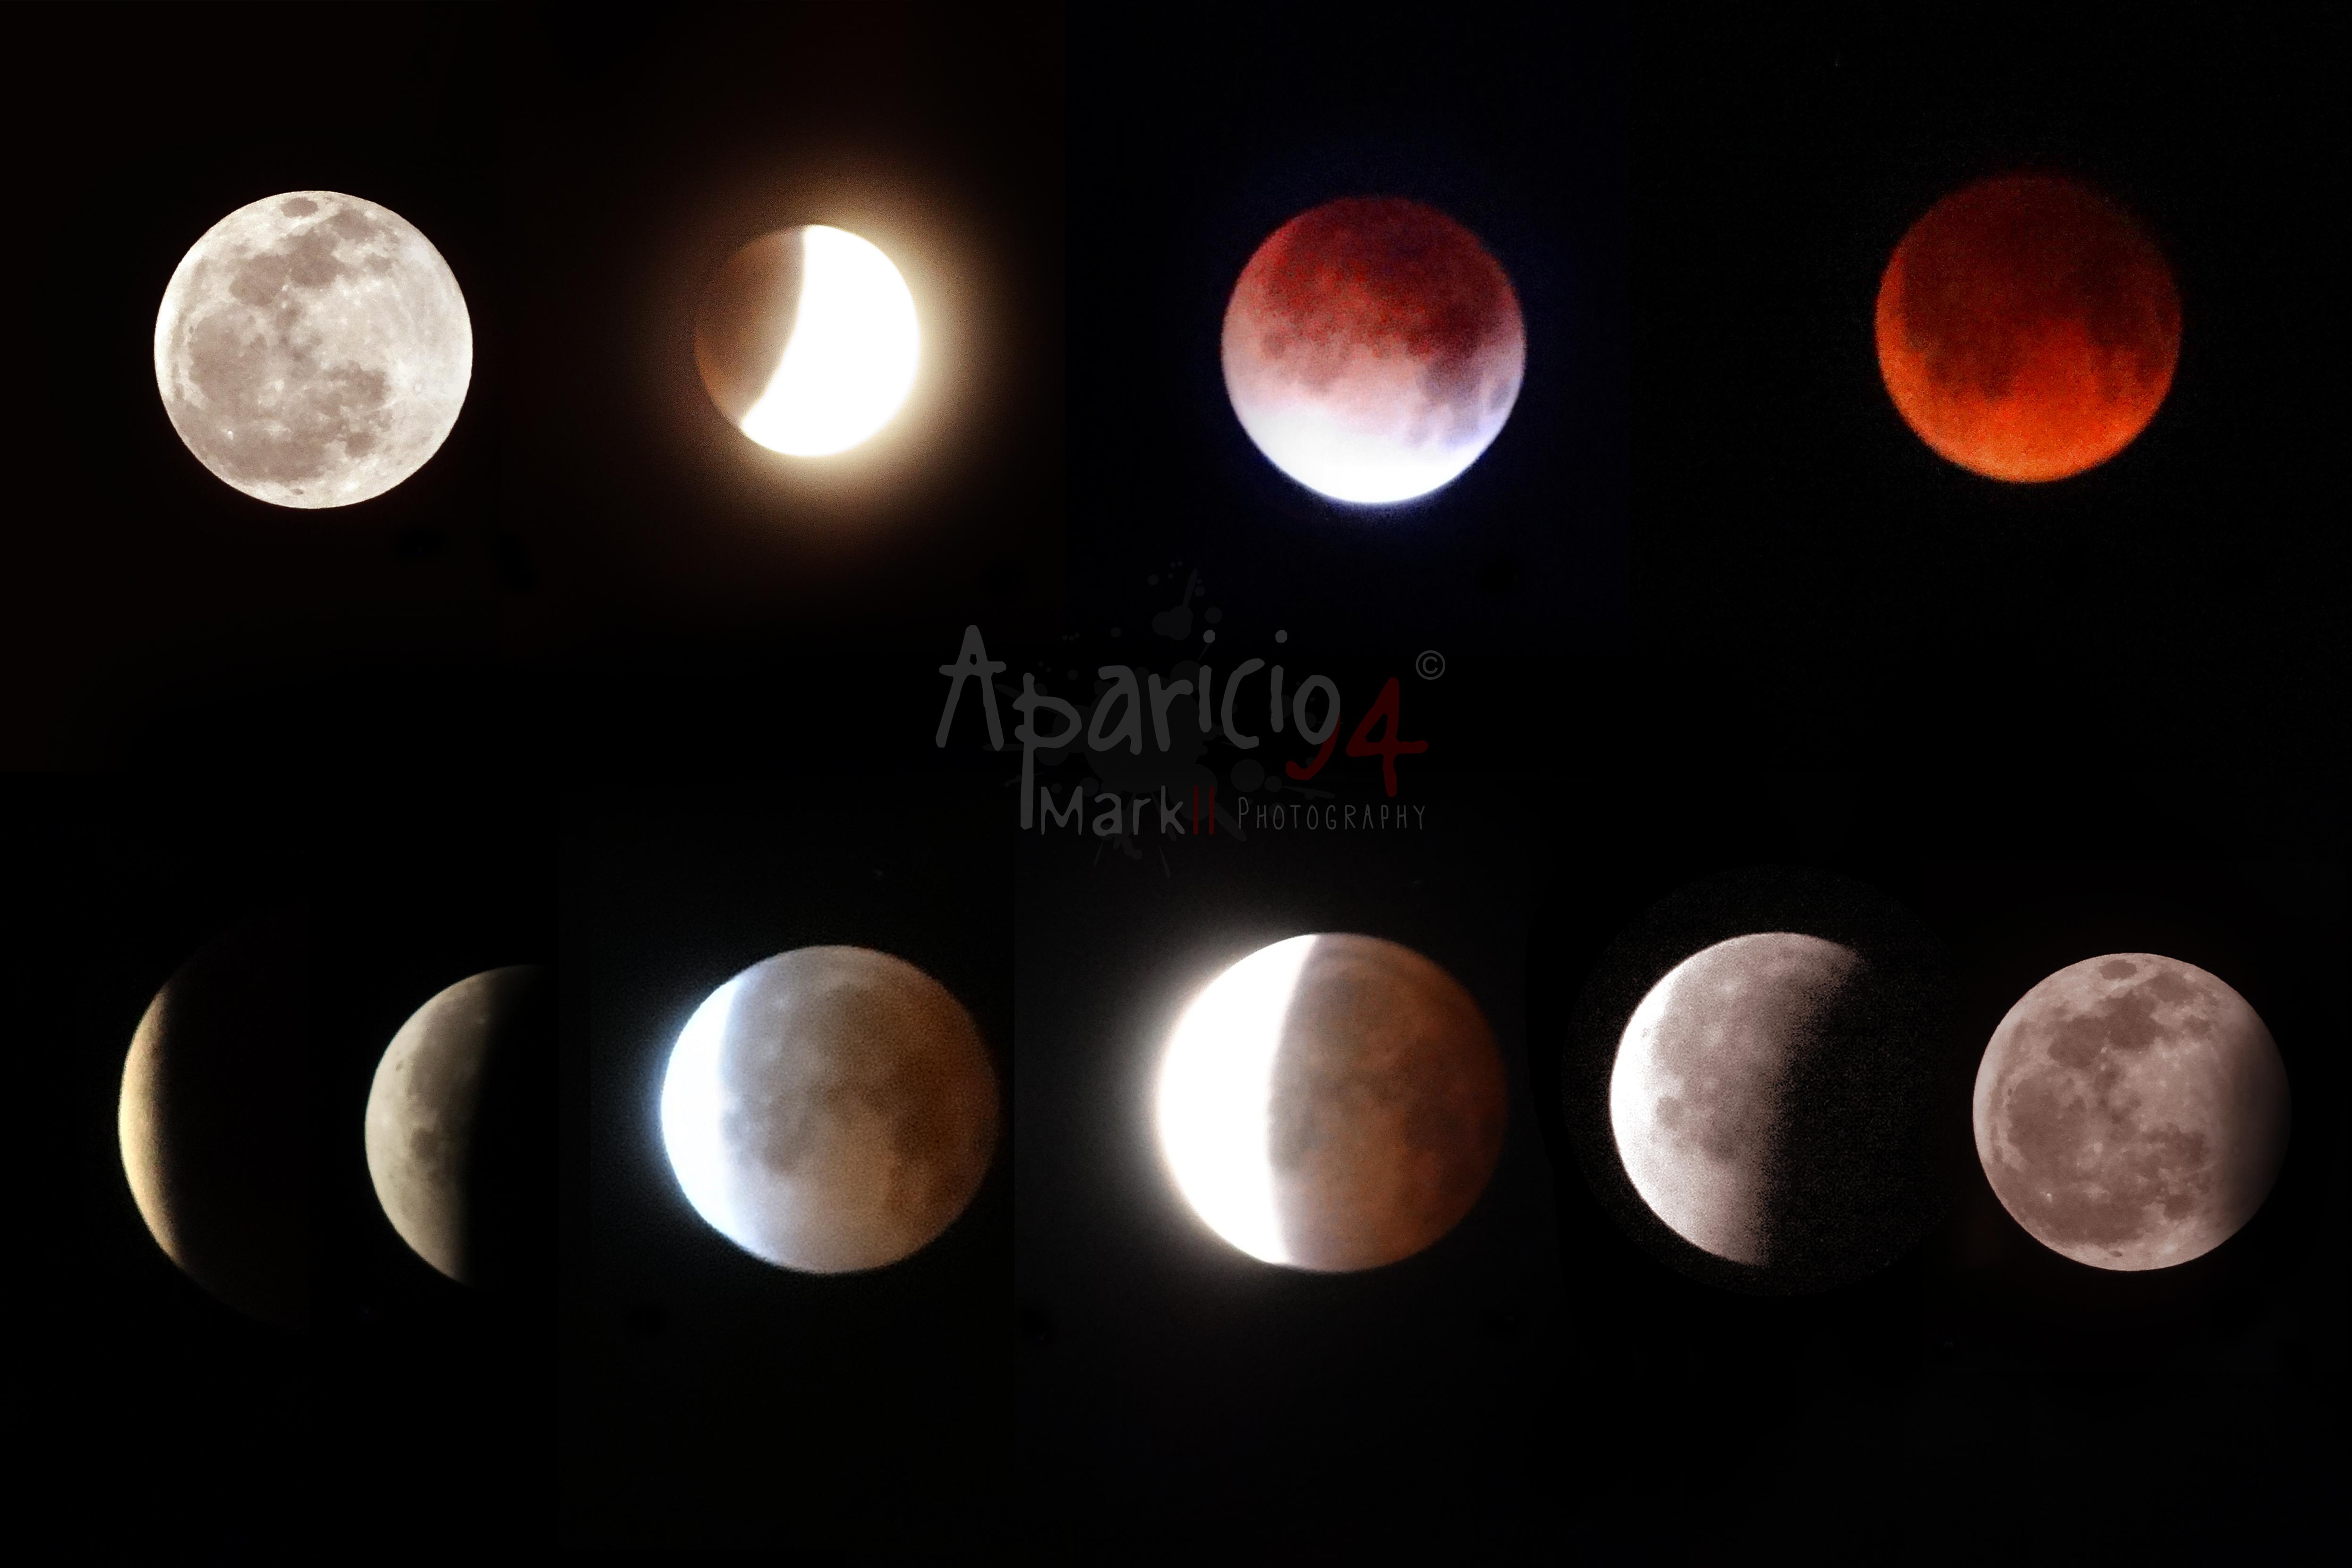 Eclipse, April 15, 2014 by Aparicio94